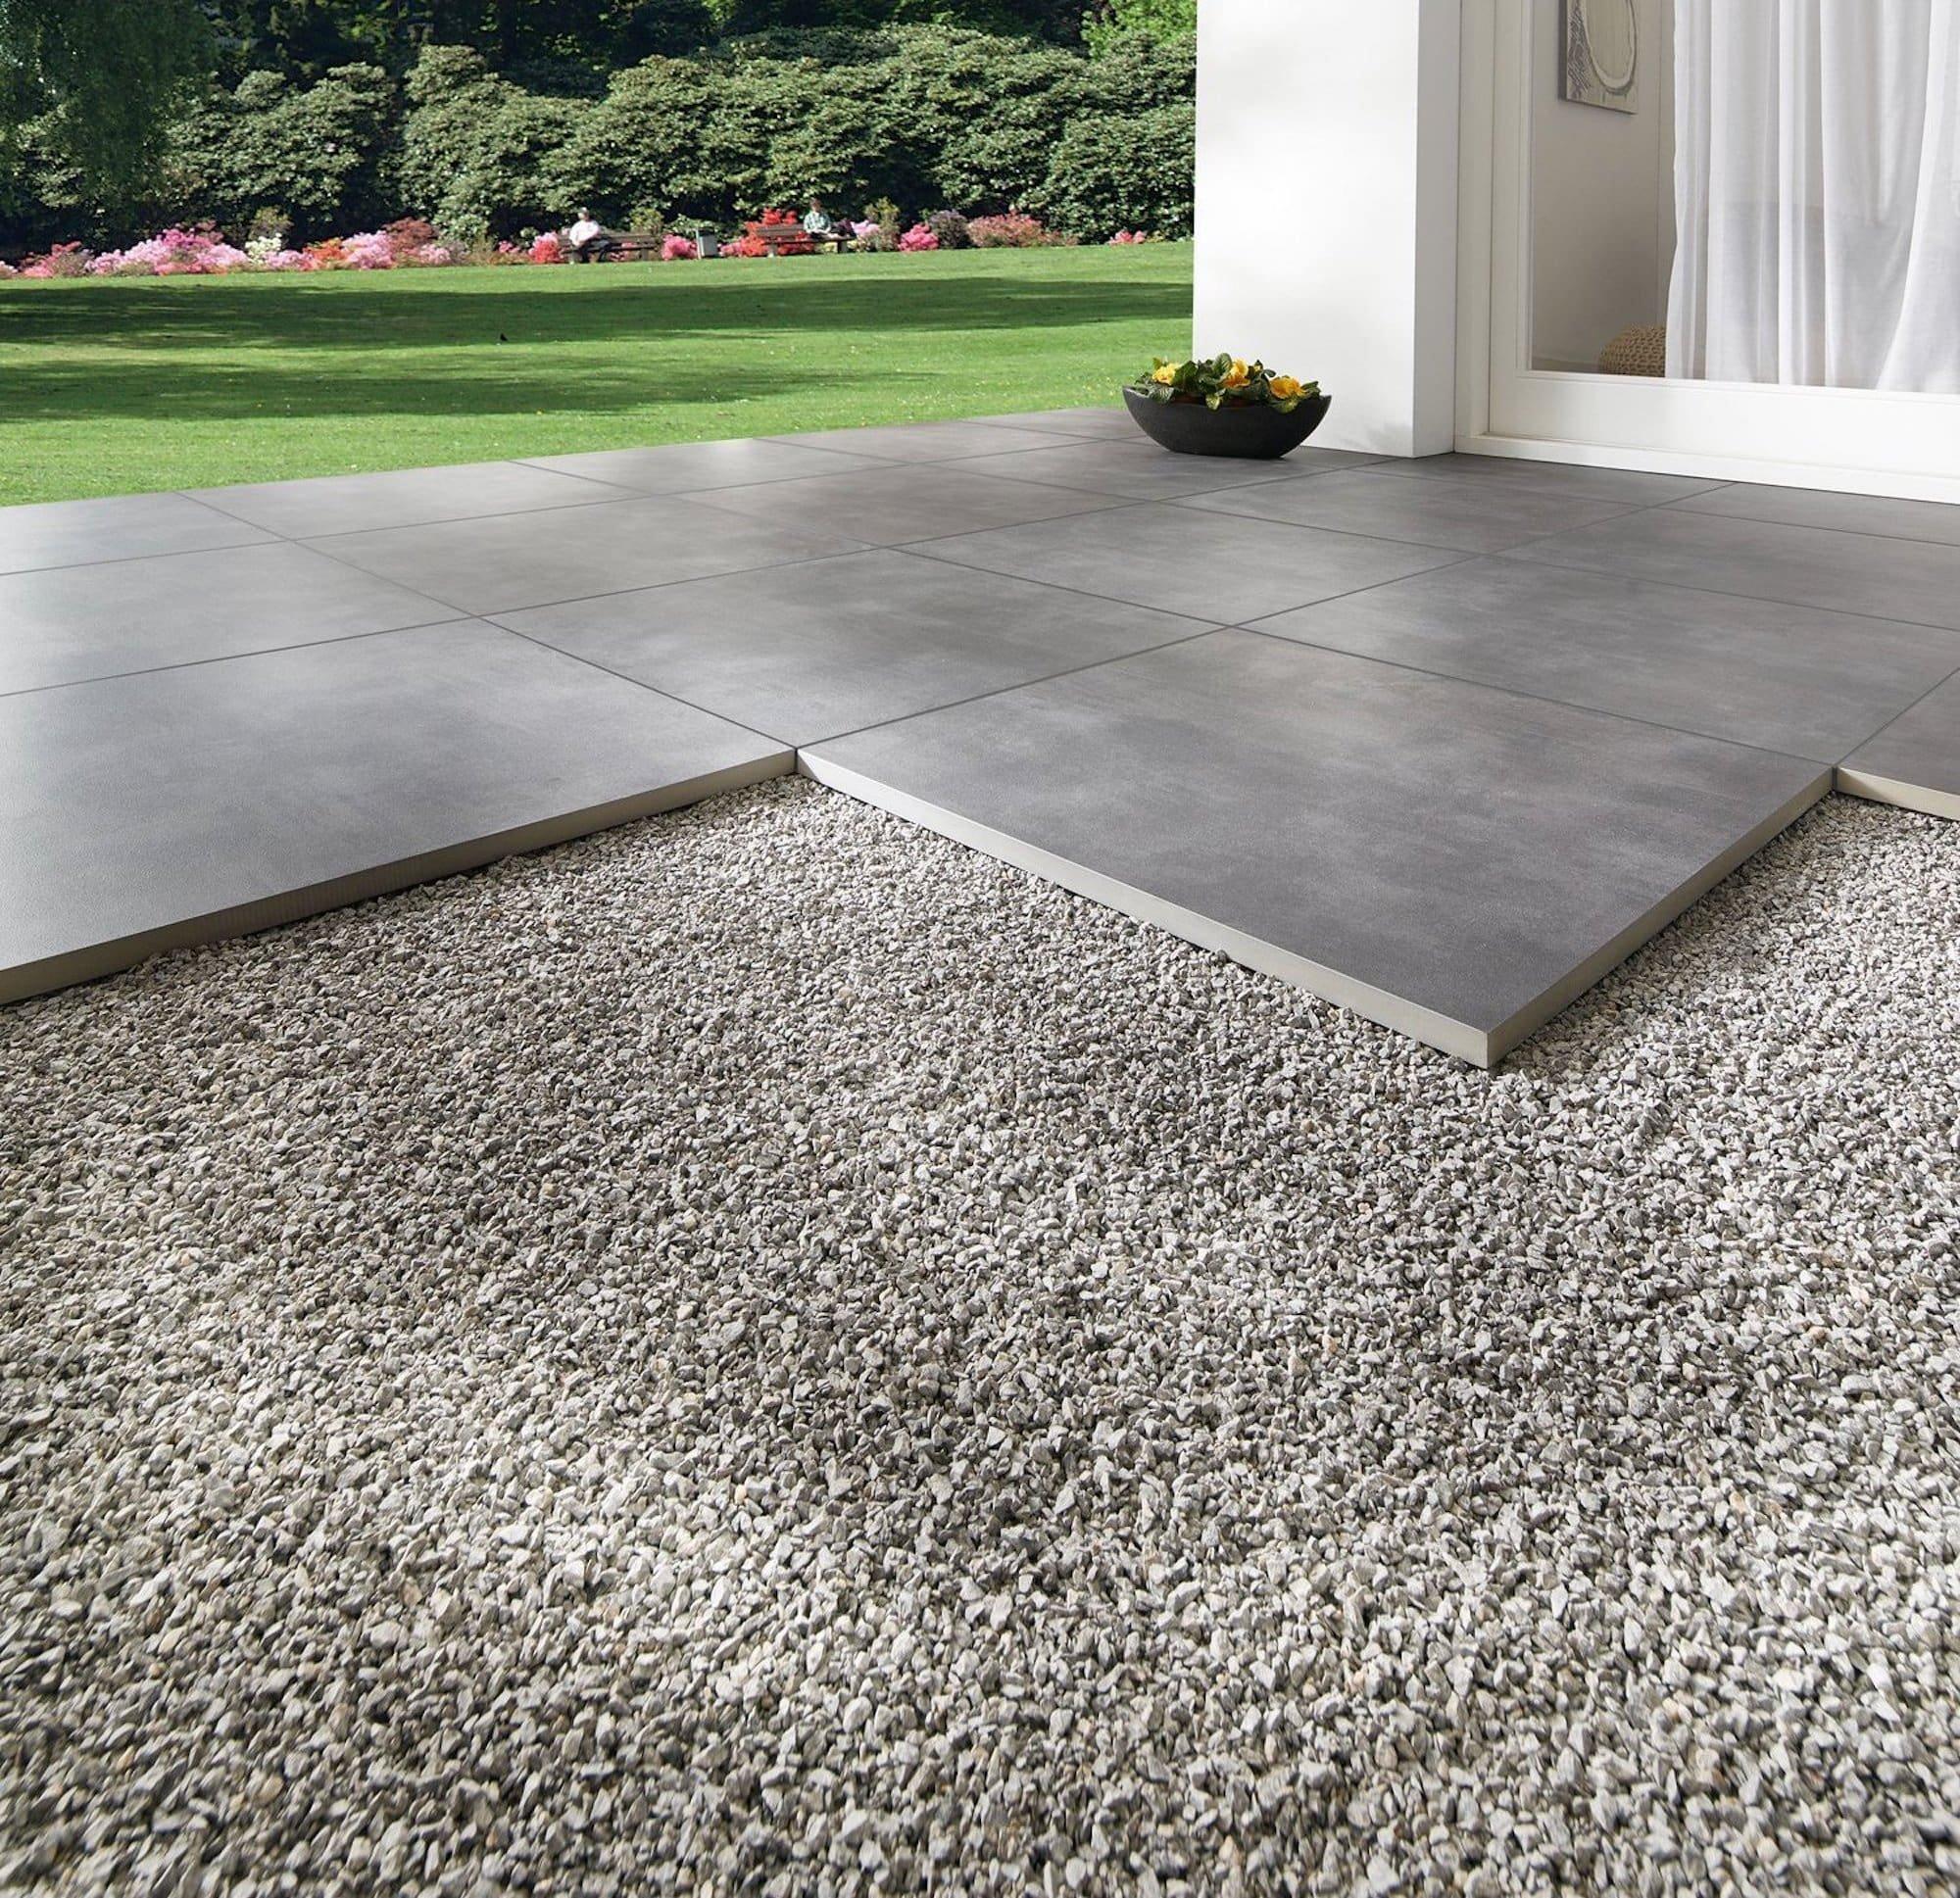 Mrazuvzdorná terasová dlažba Streetline je ideální pro úpravu teras a chodníků.